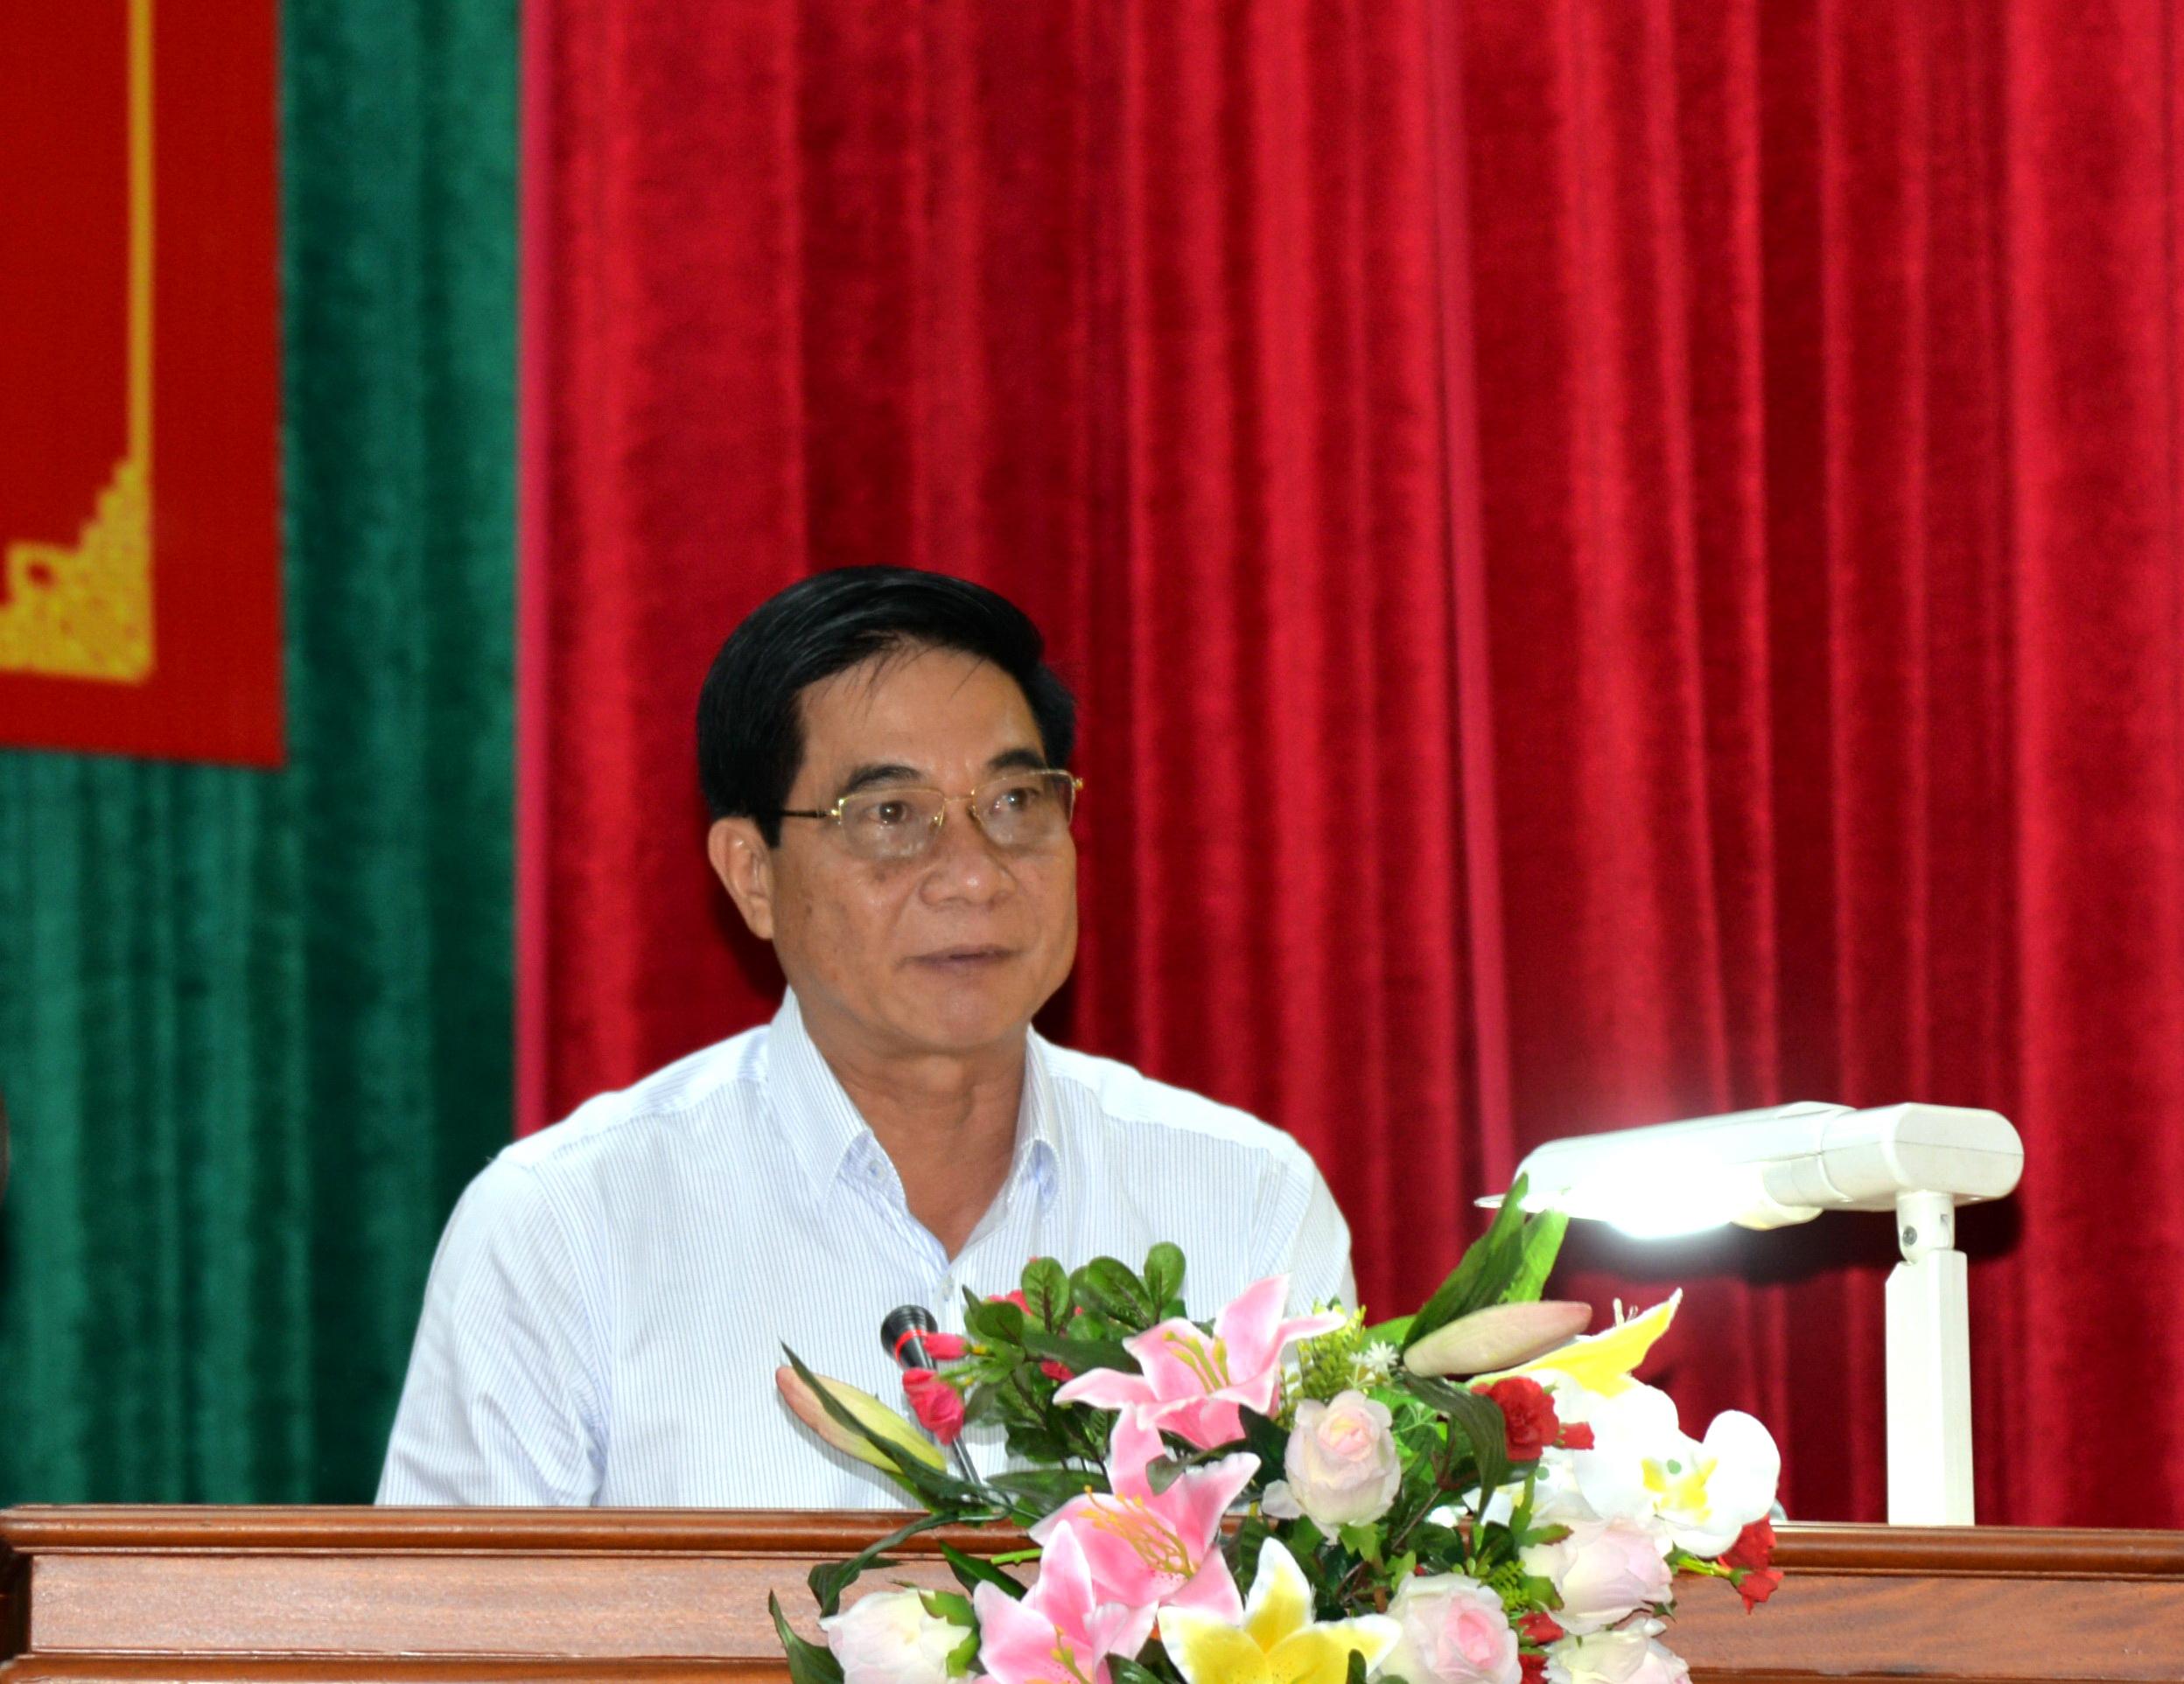 Đồng chí Nguyễn Văn Nhã, Ủy viên Thường vụ, Trưởng ban tổ chức Tỉnh ủy thông qua kế hoạch của Ban thường vụ Tỉnh ủy triển khai Chỉ thị 35 của Bộ chính trị và quyết định thành lập các  tiểu ban phục vụ đại hội Đảng bộ tỉnh lần thứ 11